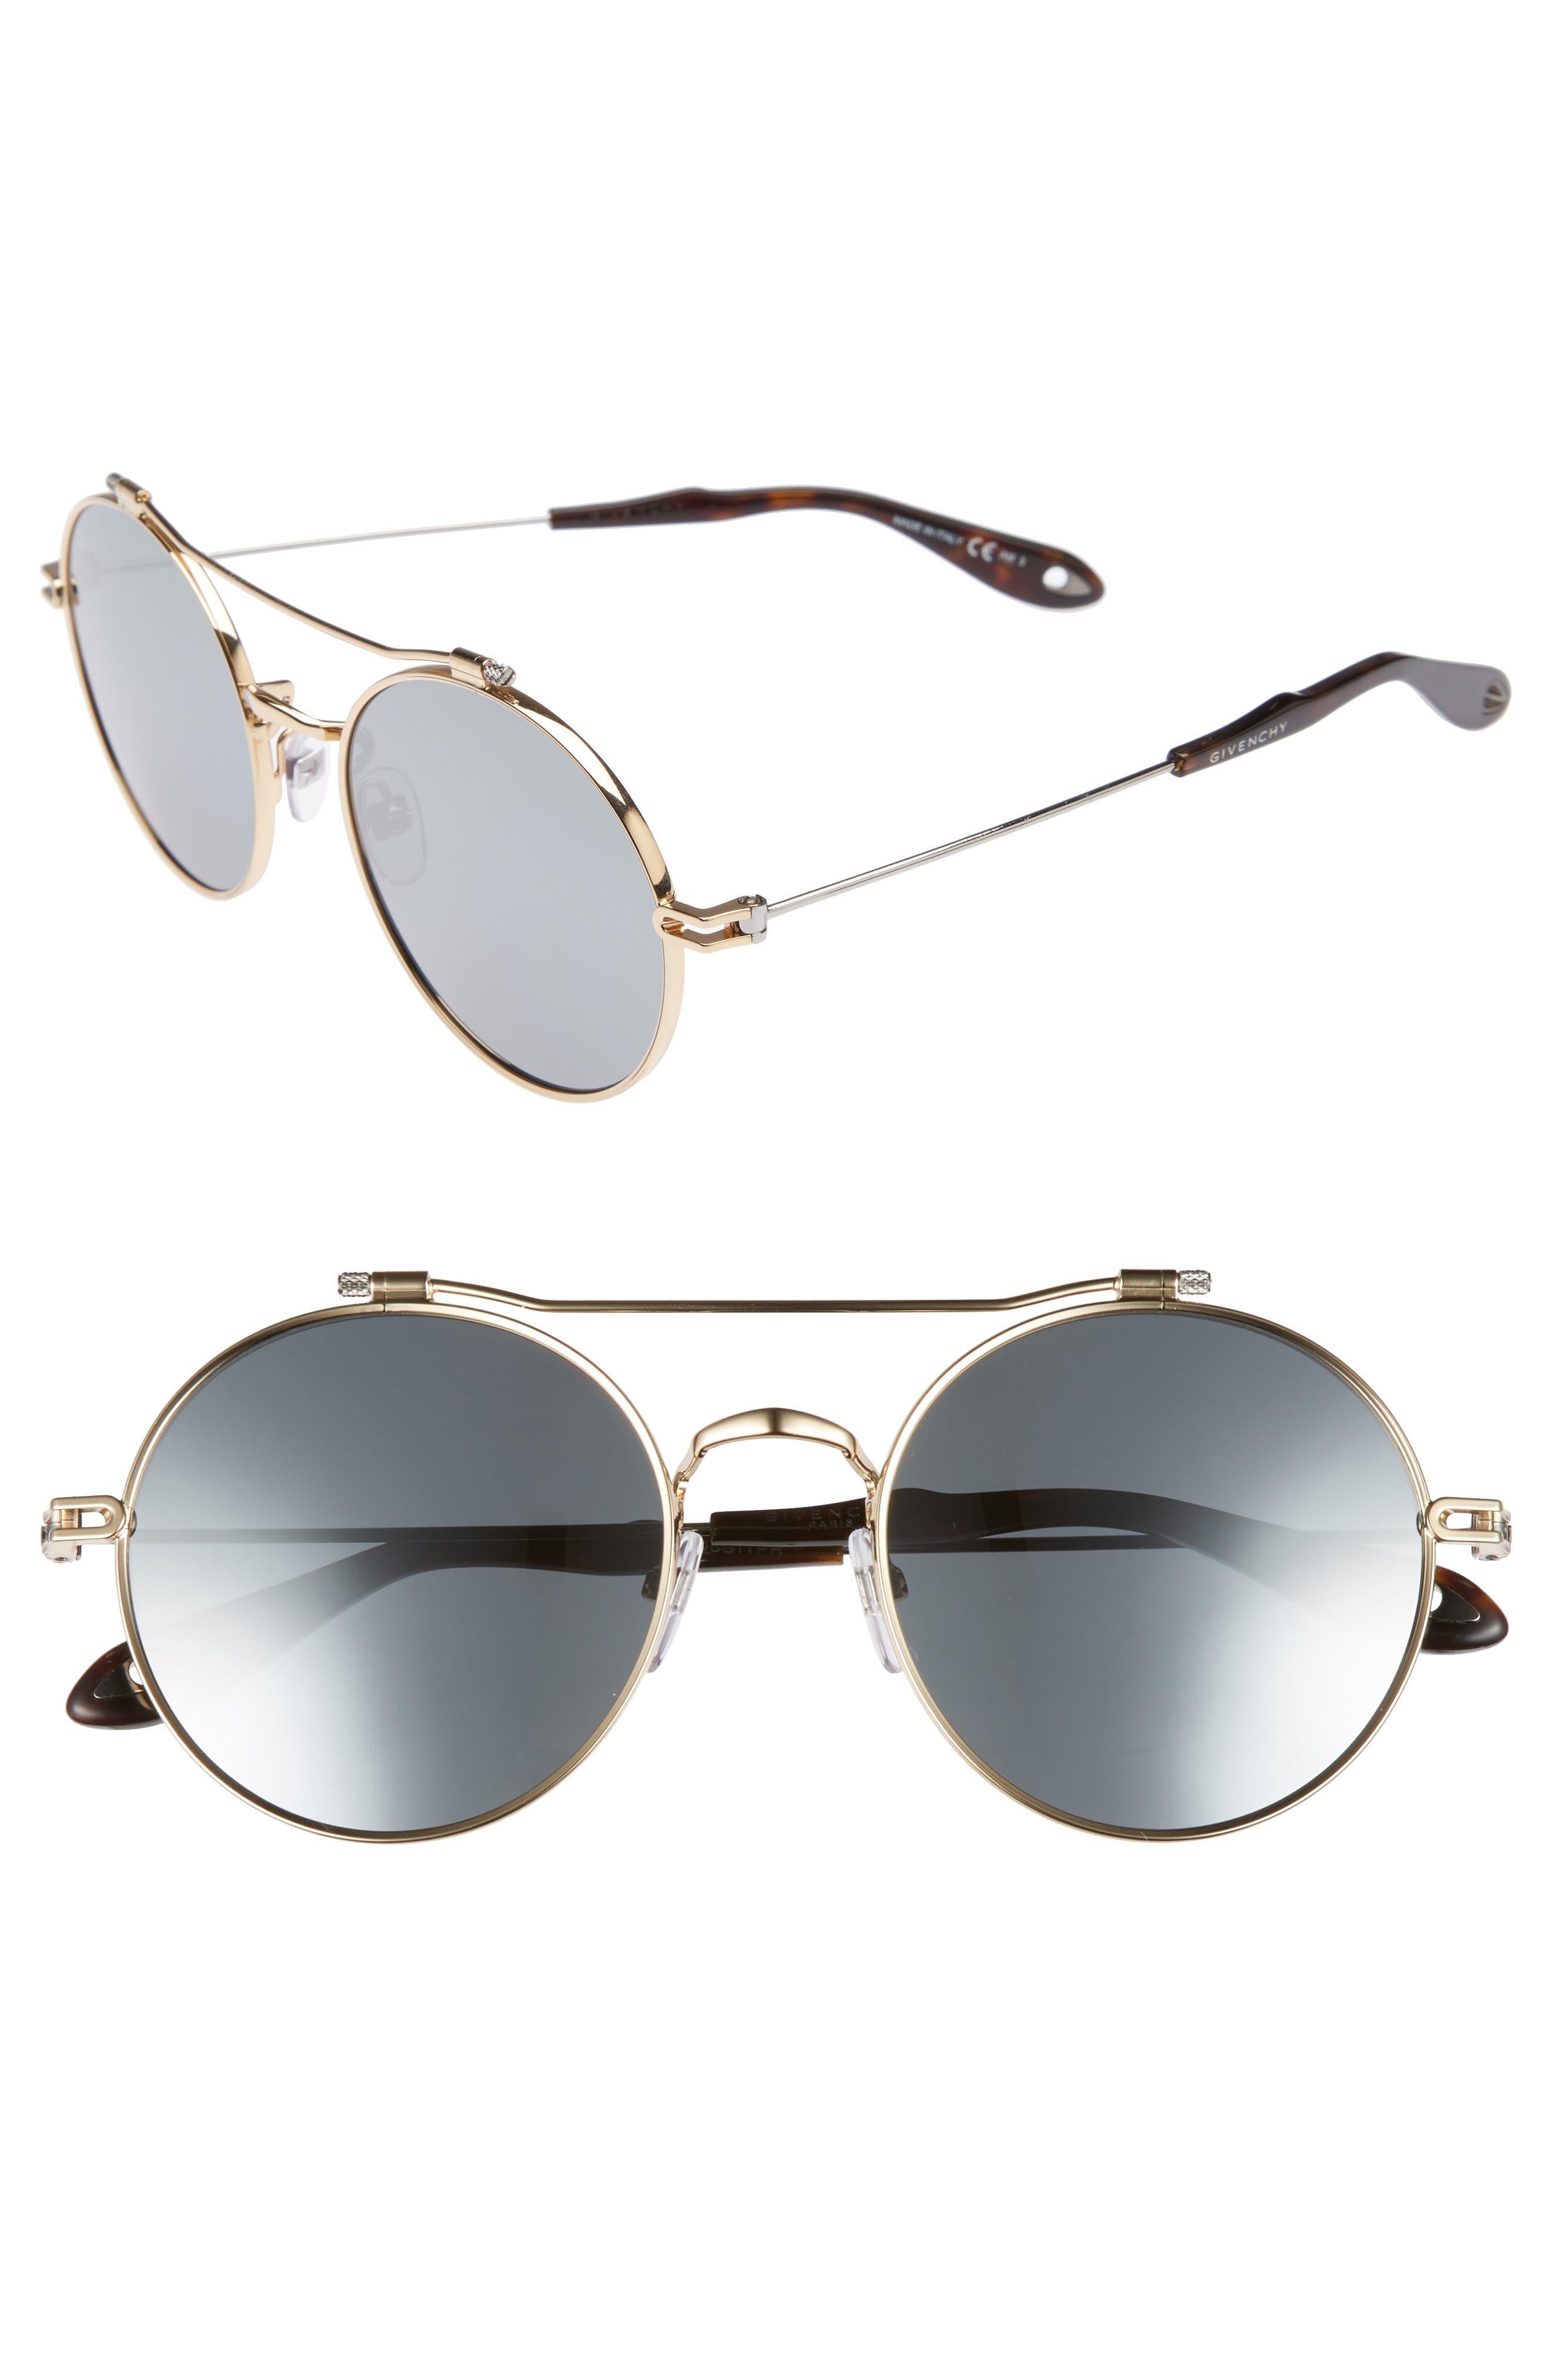 53mm Round Aviator Sunglasses,                         Main,                         color, Gold Ruthenium/ Black Mirror